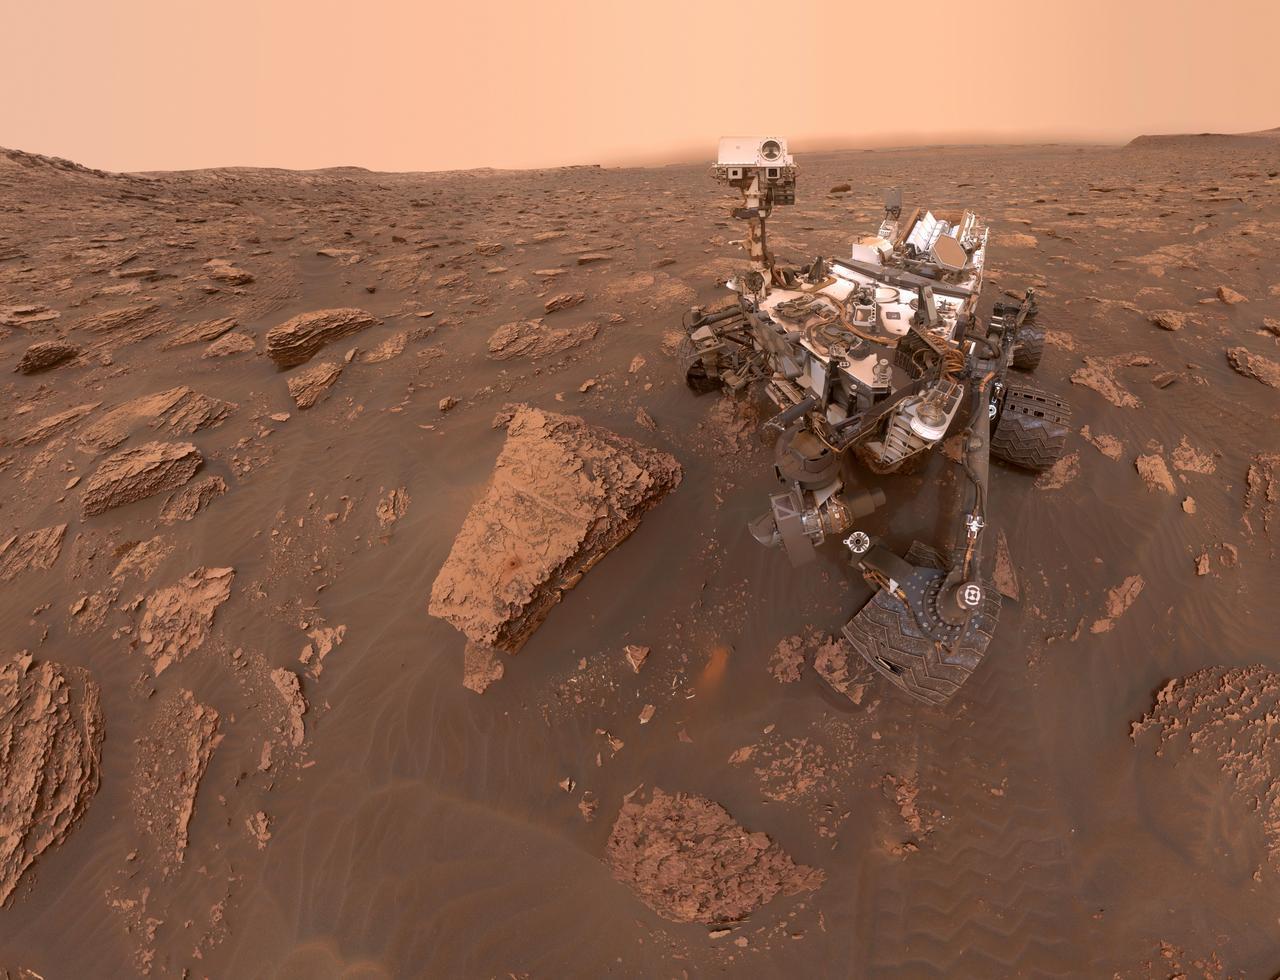 Izvor: NASA/JPL-Caltech/MSSS.